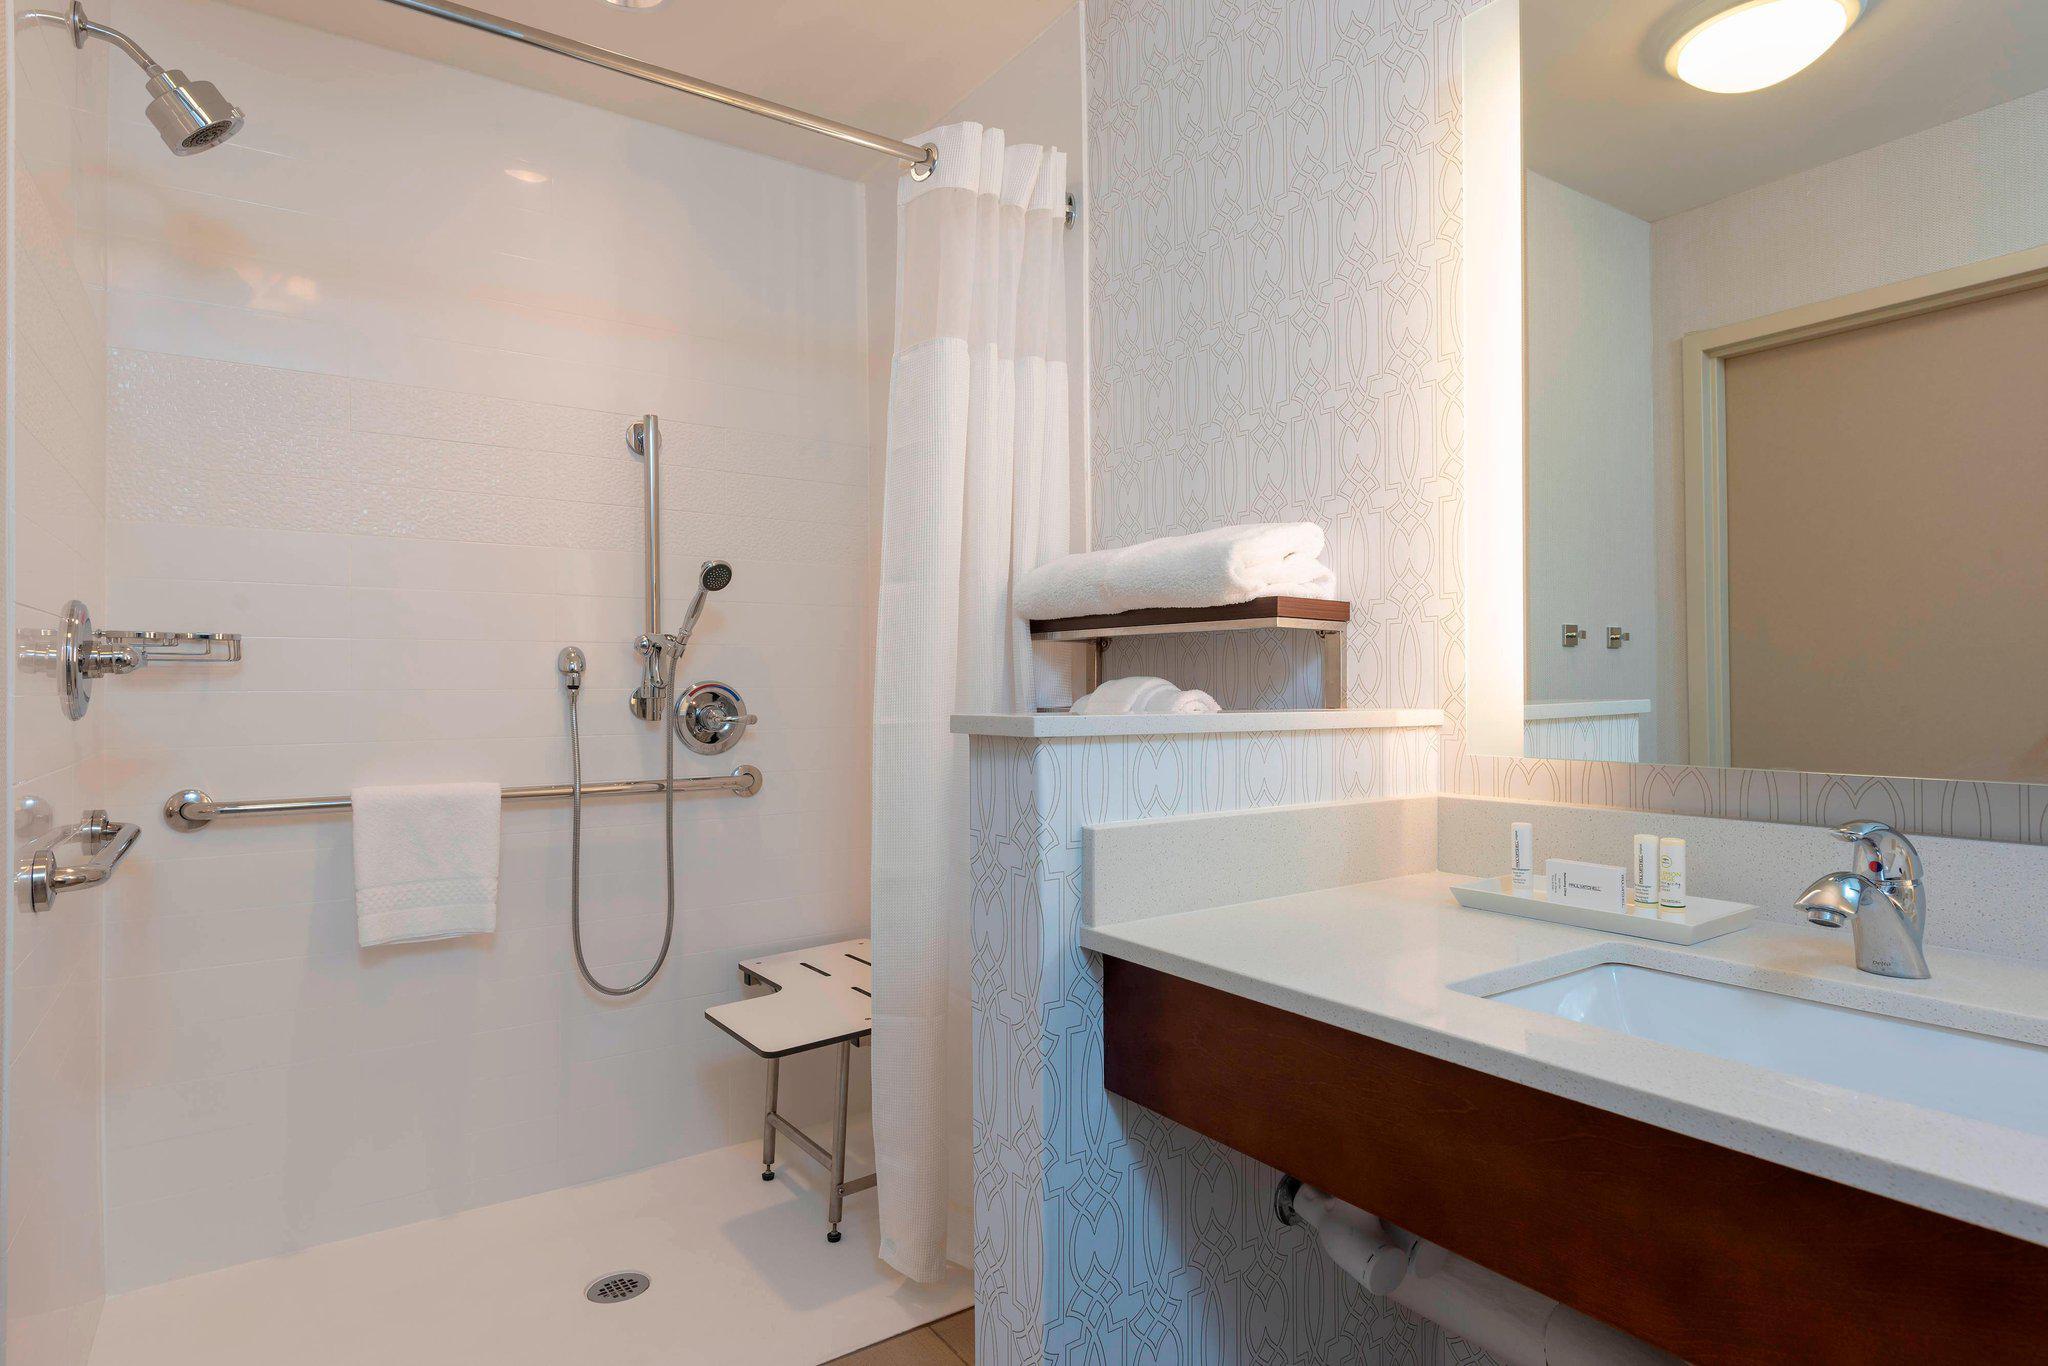 Fairfield Inn & Suites by Marriott Indianapolis Carmel